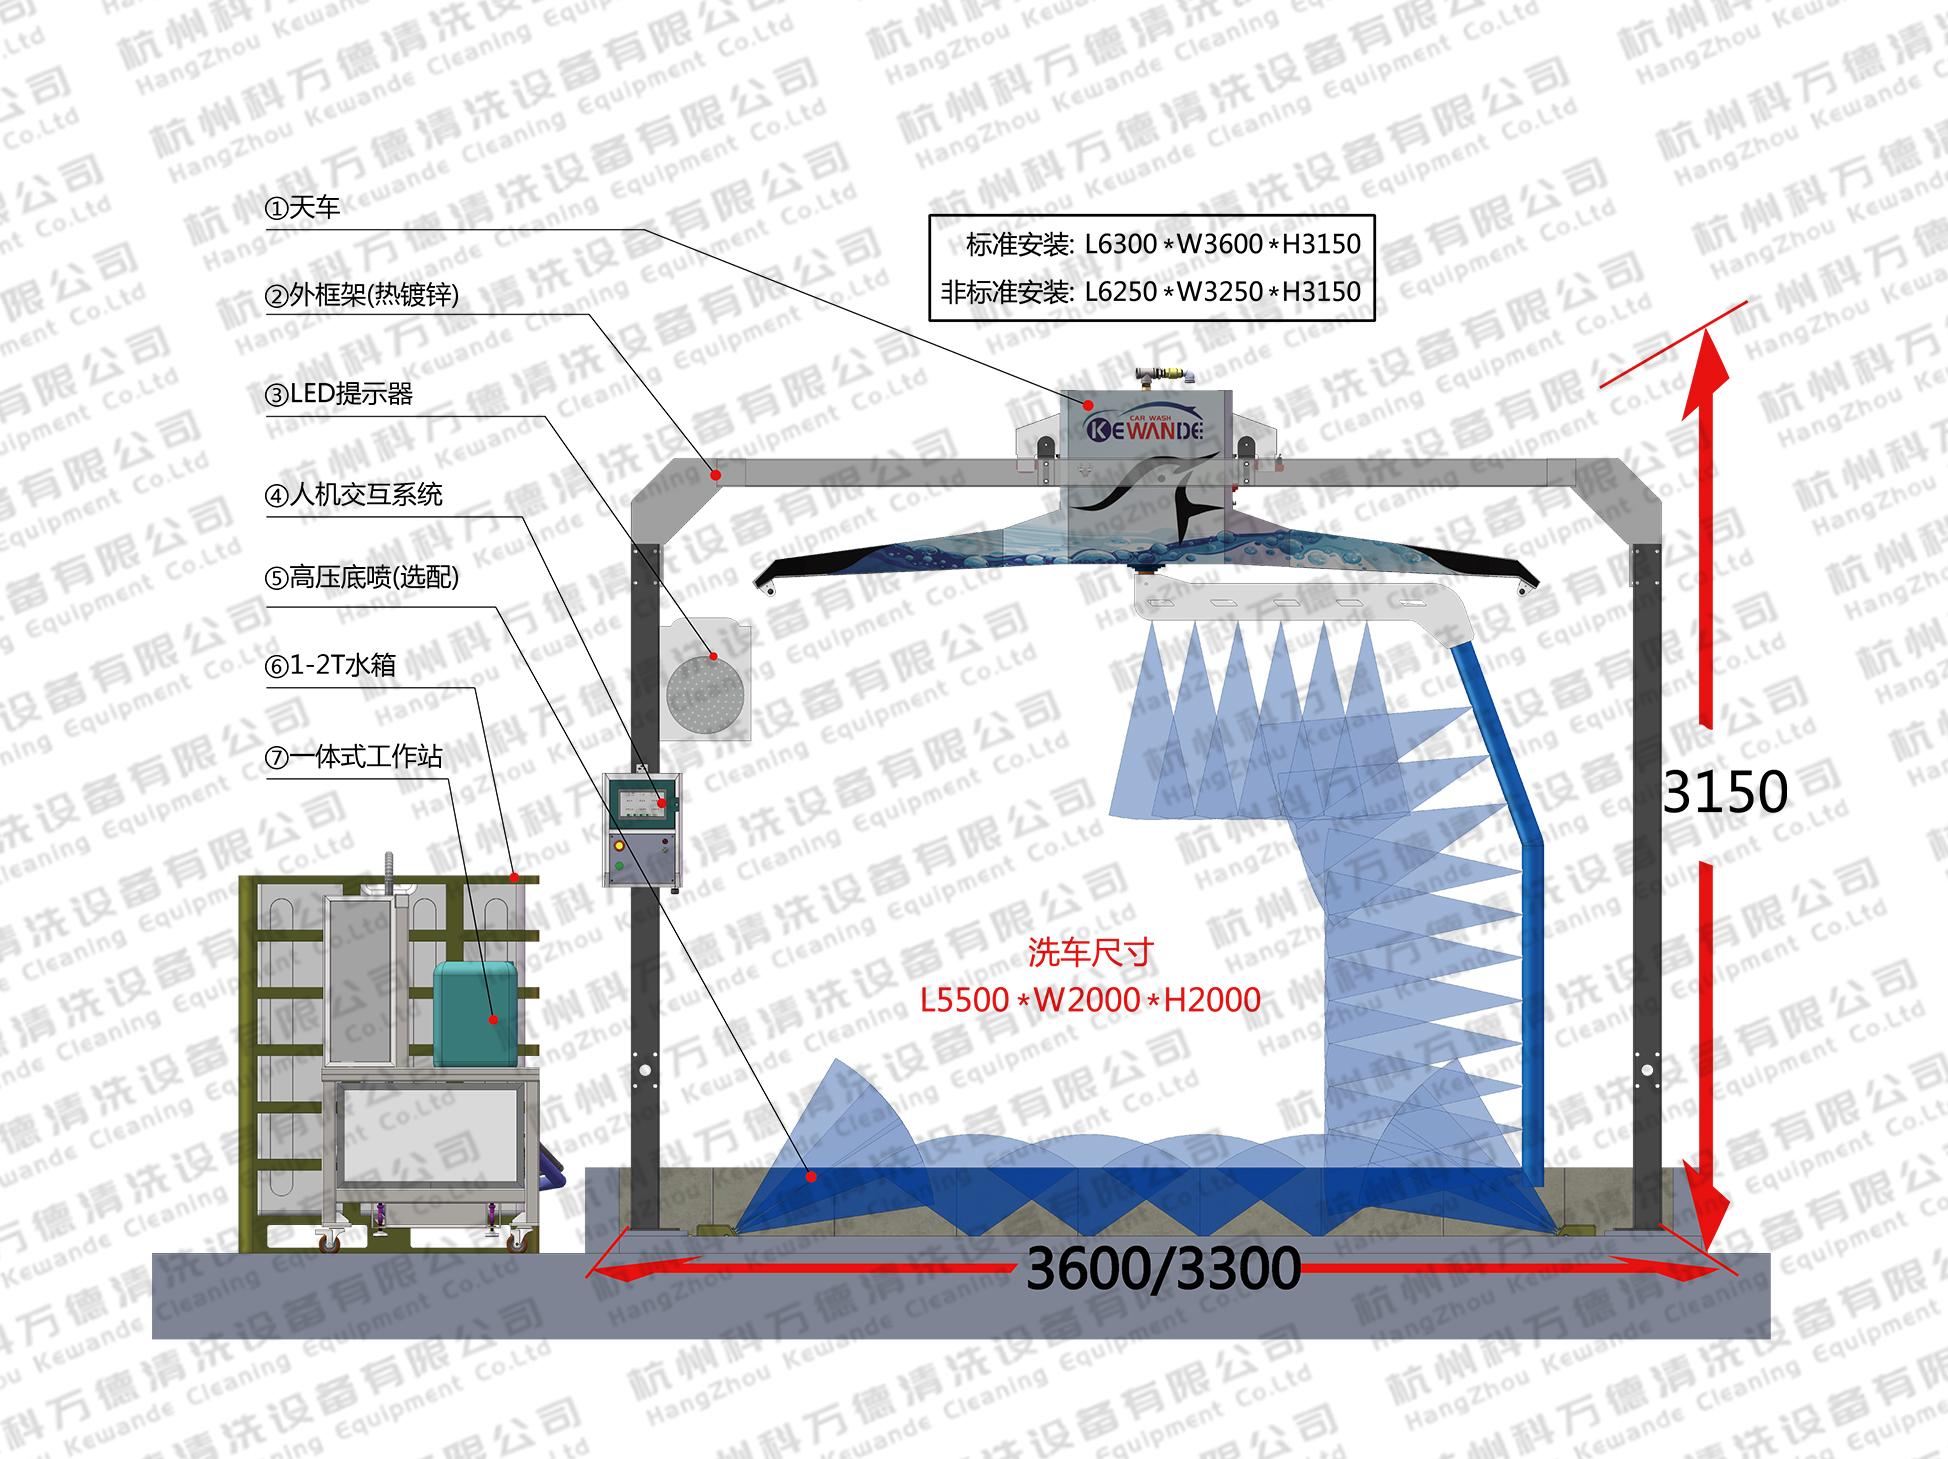 淘宝用-海燕洗车机设备整机尺寸功能说明-01